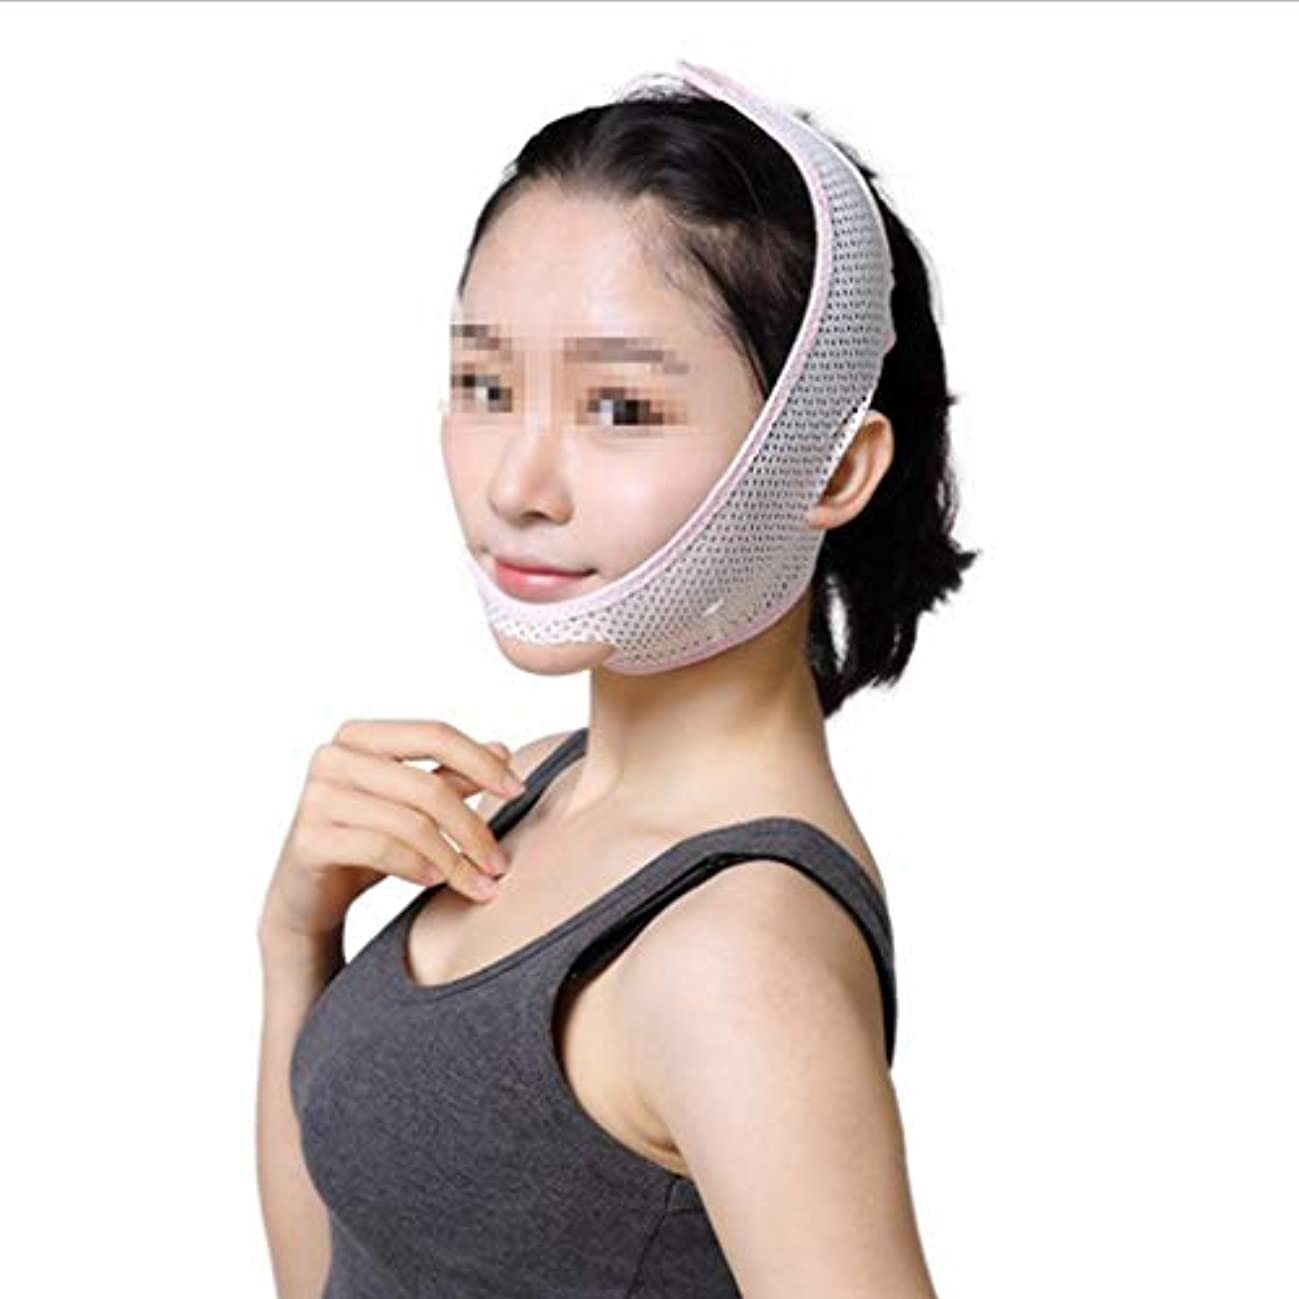 ピッチ春女将超薄型通気性フェイスマスク、包帯Vフェイスマスクフェイスリフティングファーミングダブルチンシンフェイスベルト (Size : M)